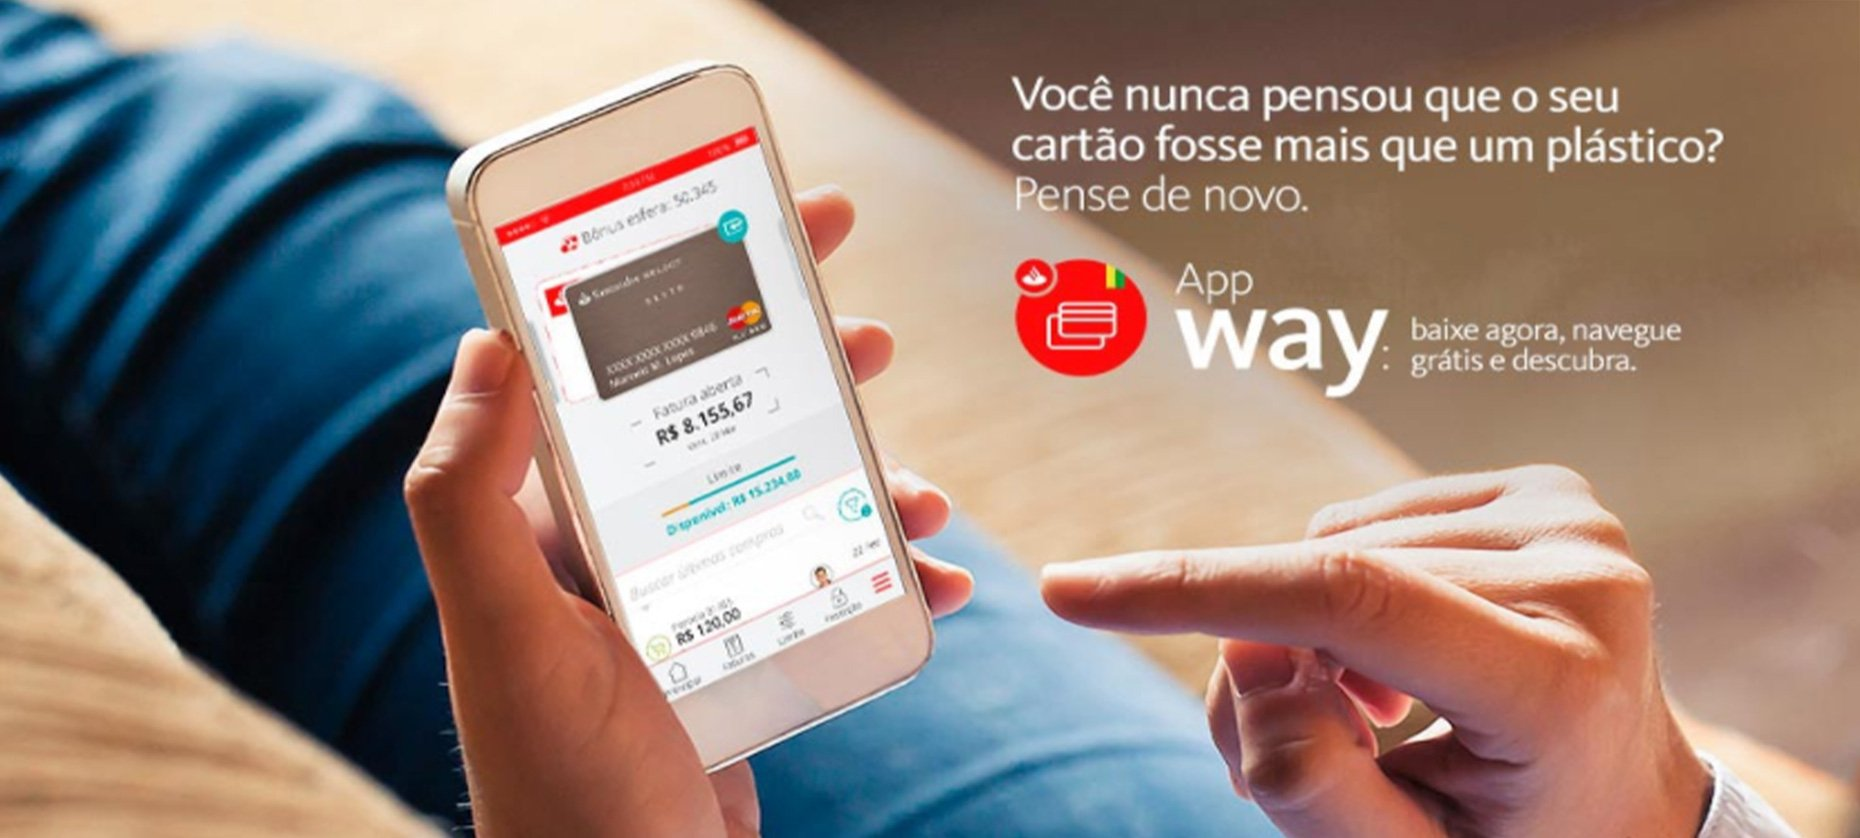 Conhe a o app santander way e fa a a gest o de sua fatura - Como ligar para o santander do exterior ...